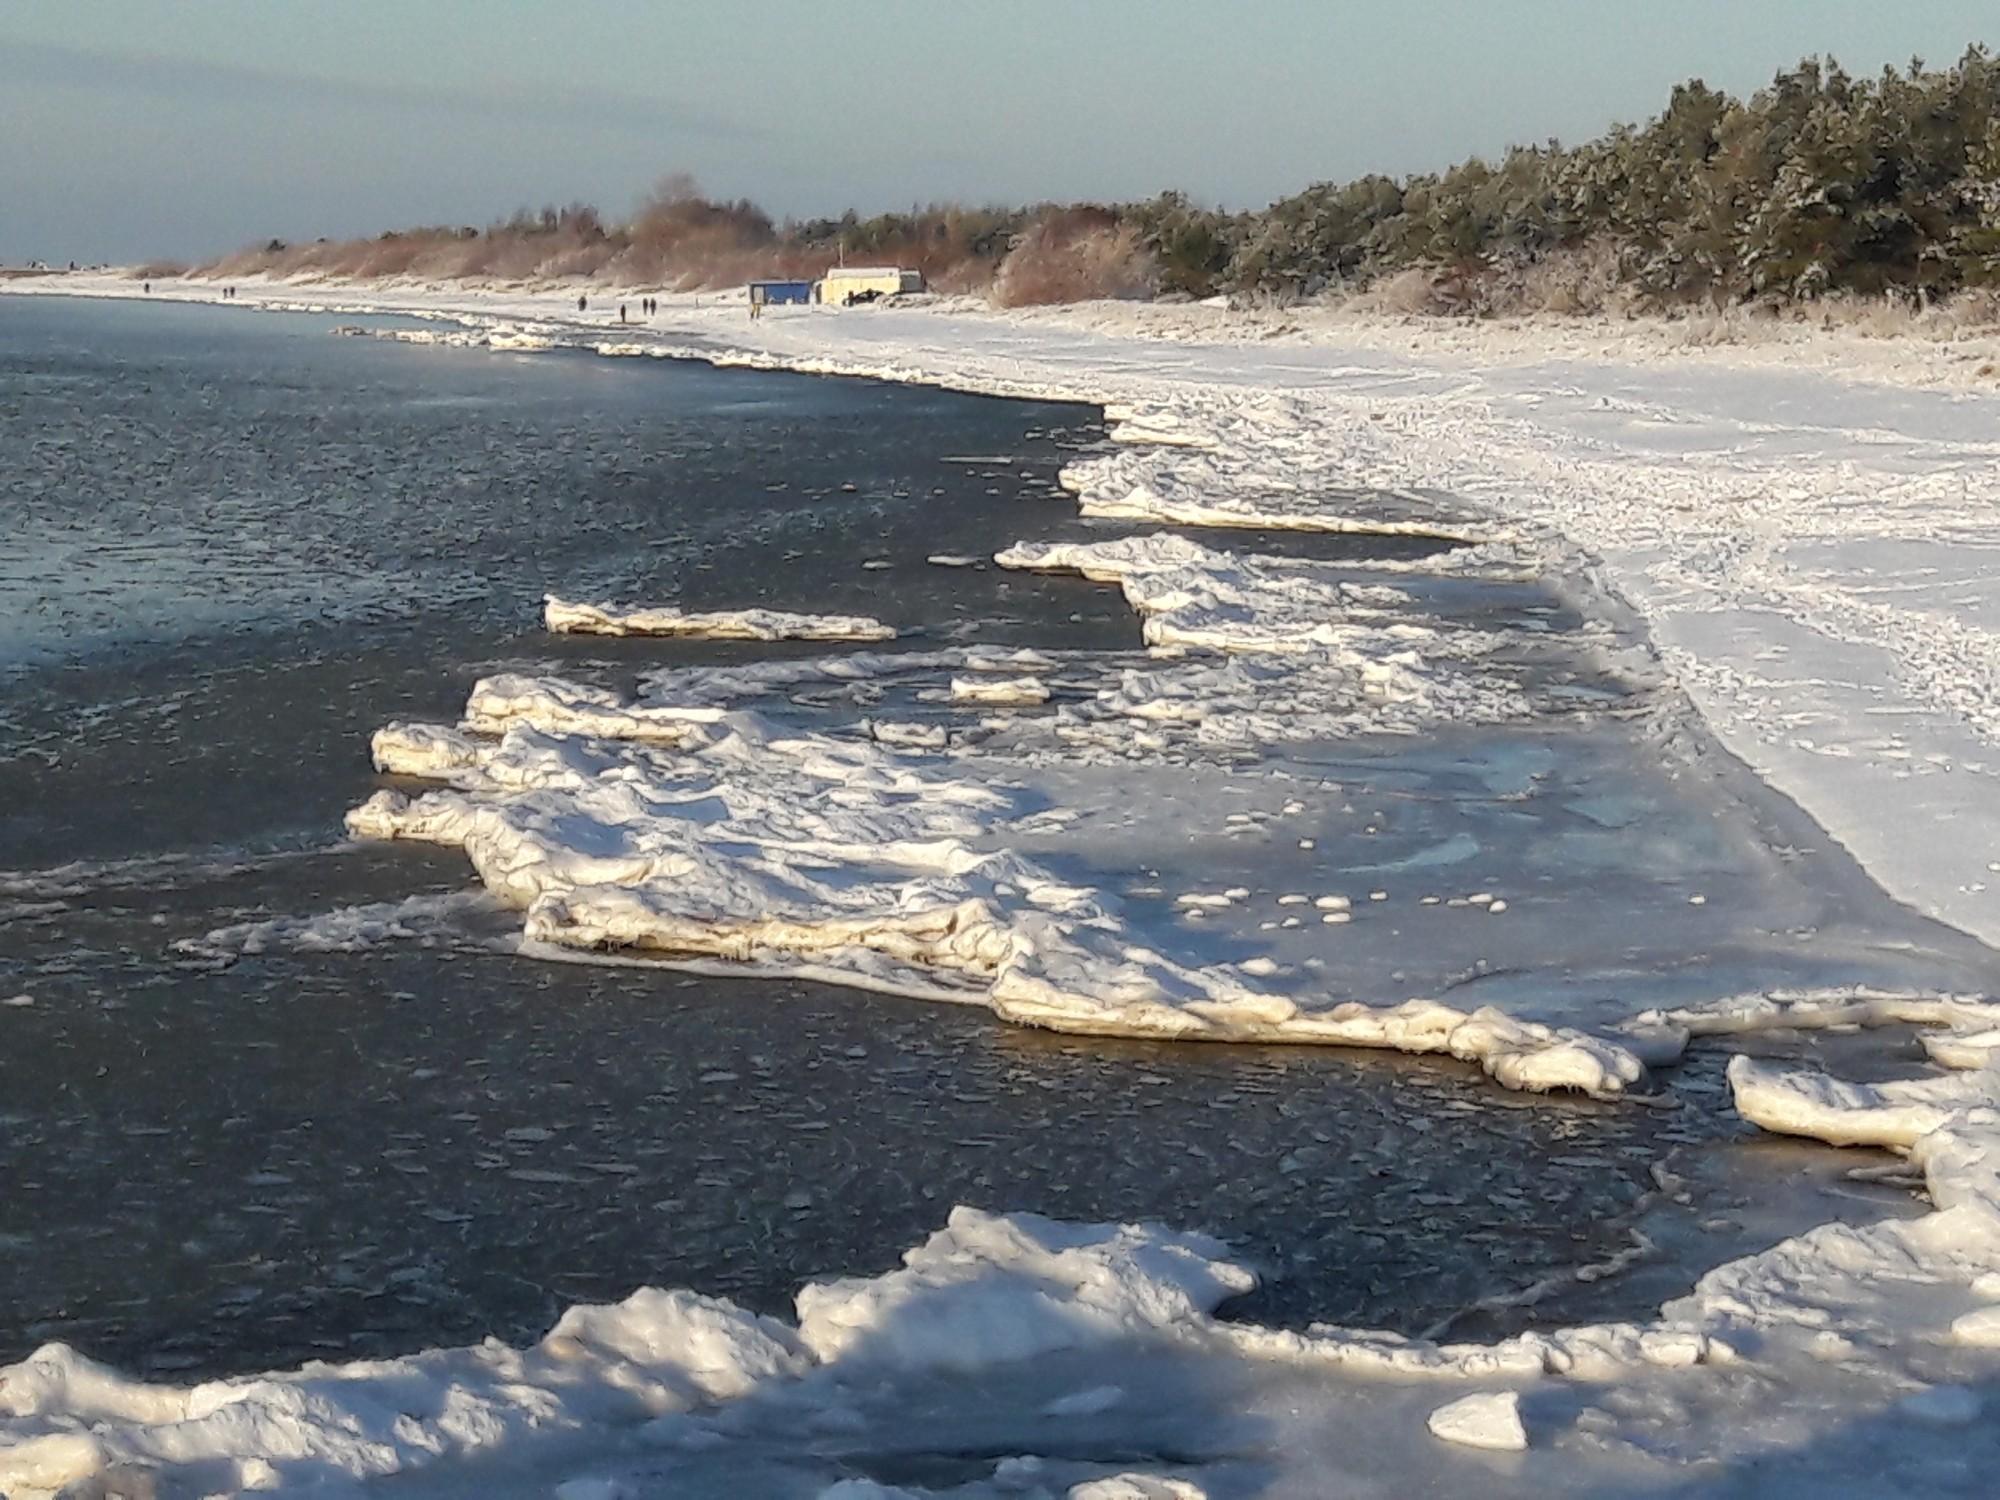 Liepājā uzstādīts šīs ziemas aukstuma rekords – mīnus 14,6 grādi